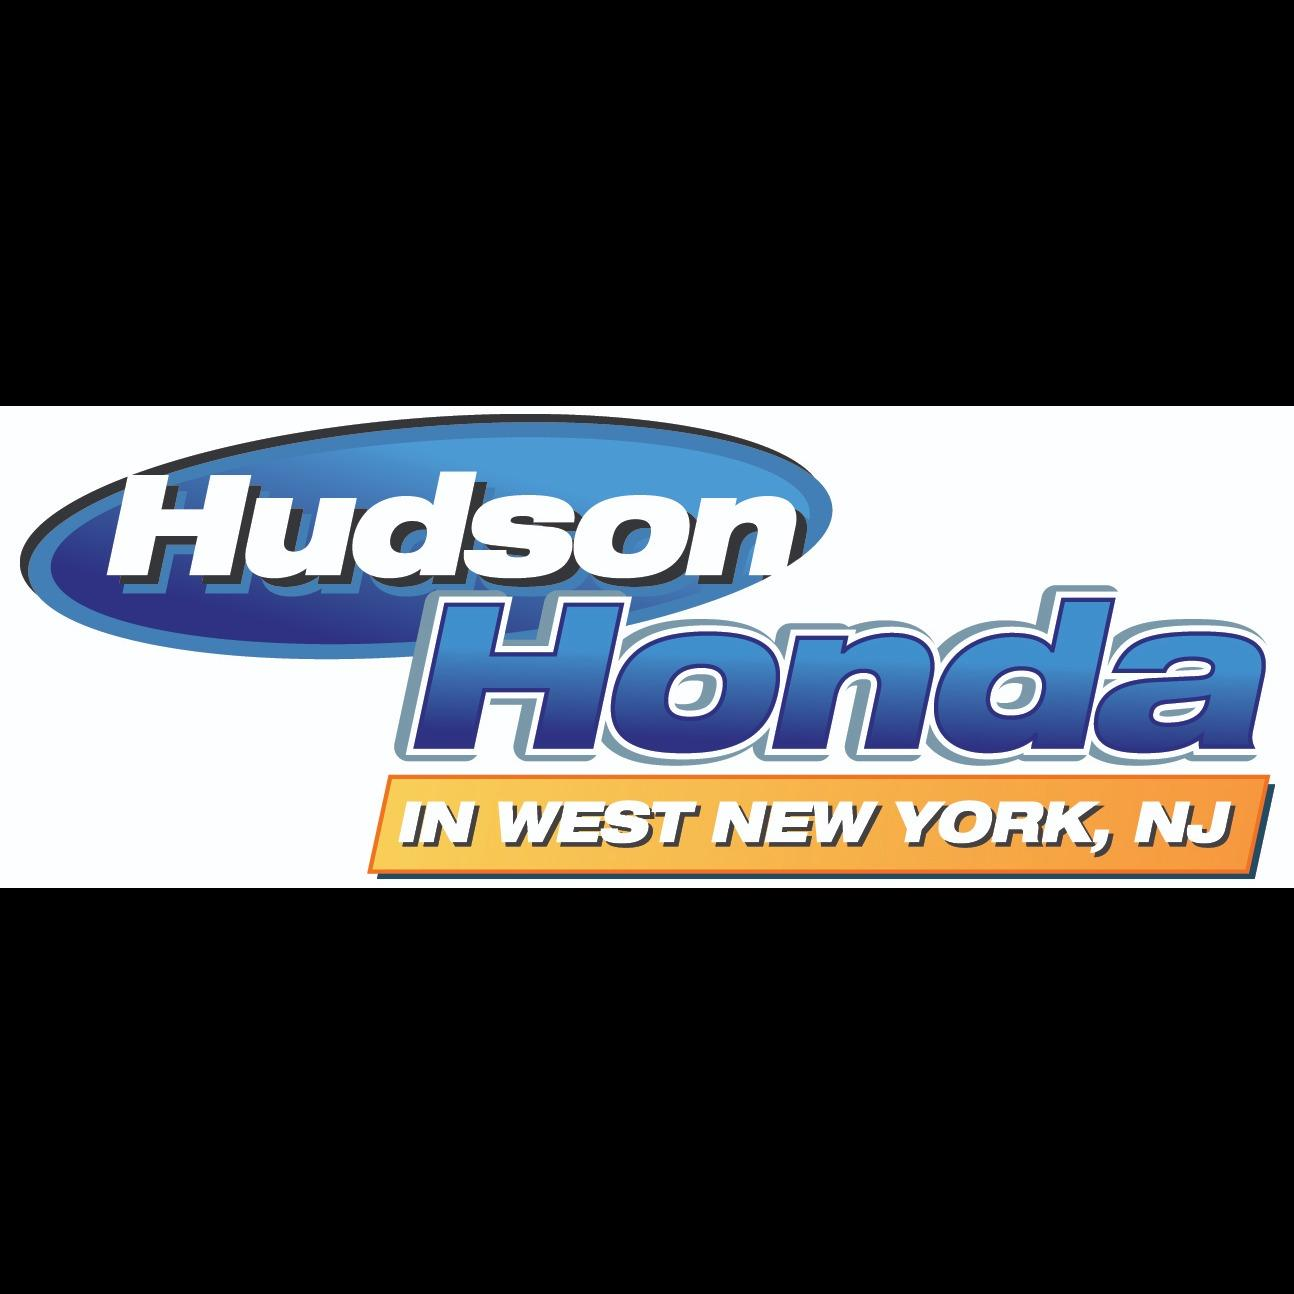 Hudson Honda in West New York